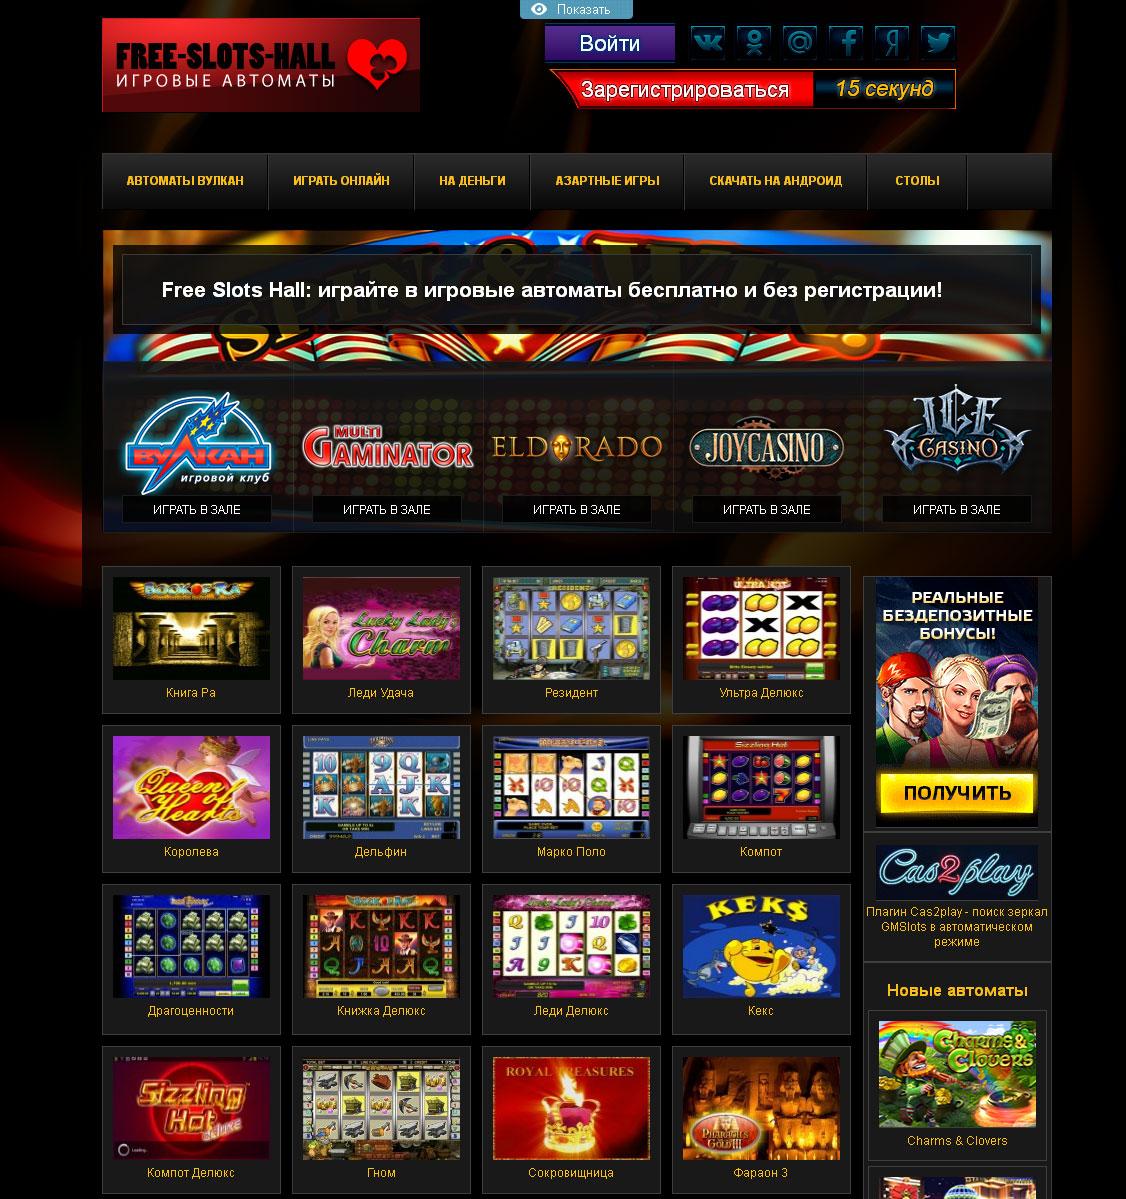 Преимущество клуба Free Slots Hall - в игре бесплатно и без регистрации!